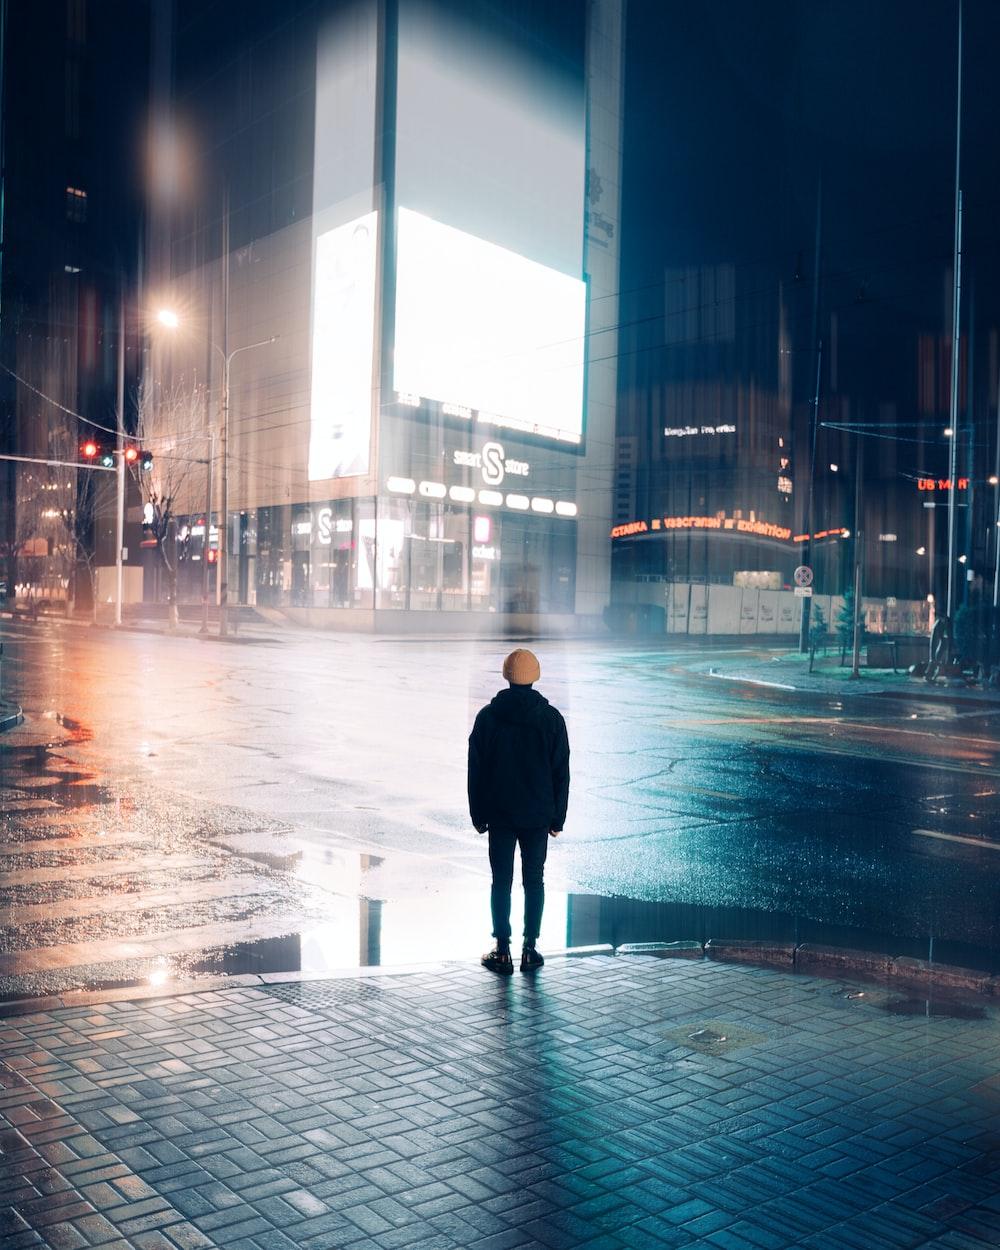 man in black coat walking on street during night time